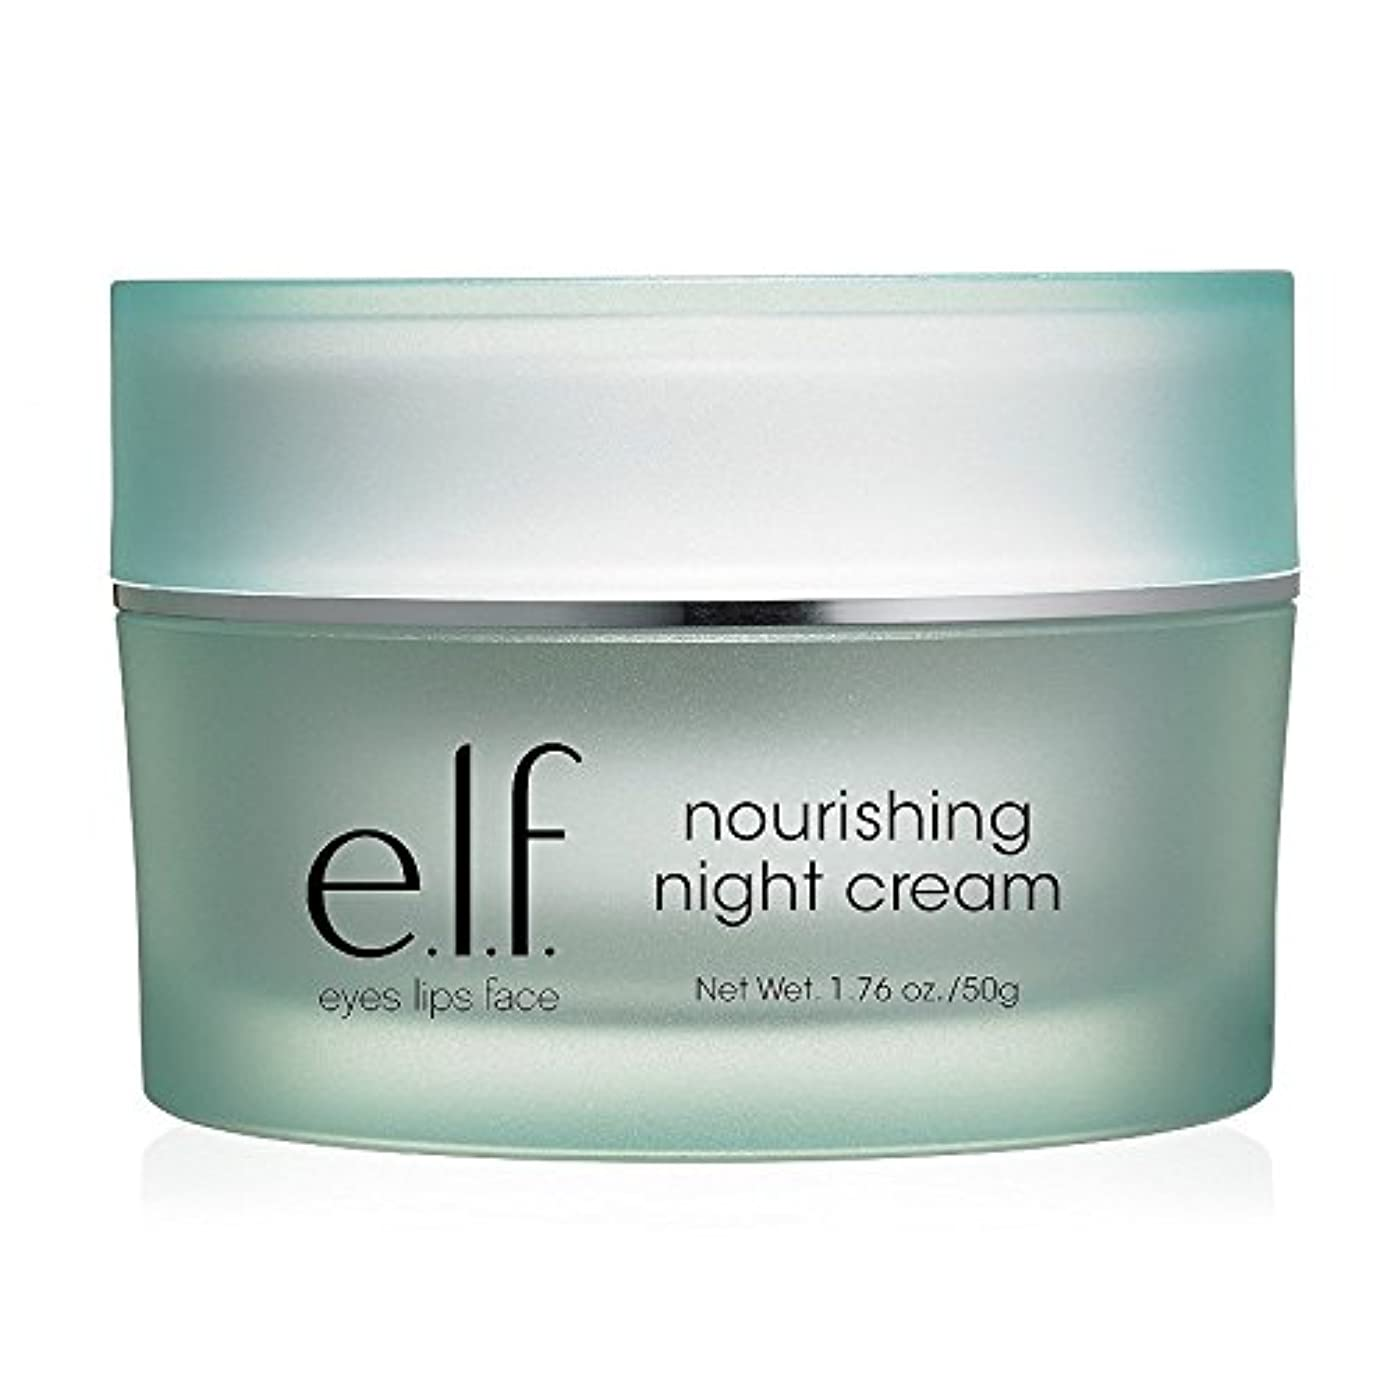 因子アブストラクト開いた(6 Pack) e.l.f. Nourishing Night Cream (並行輸入品)